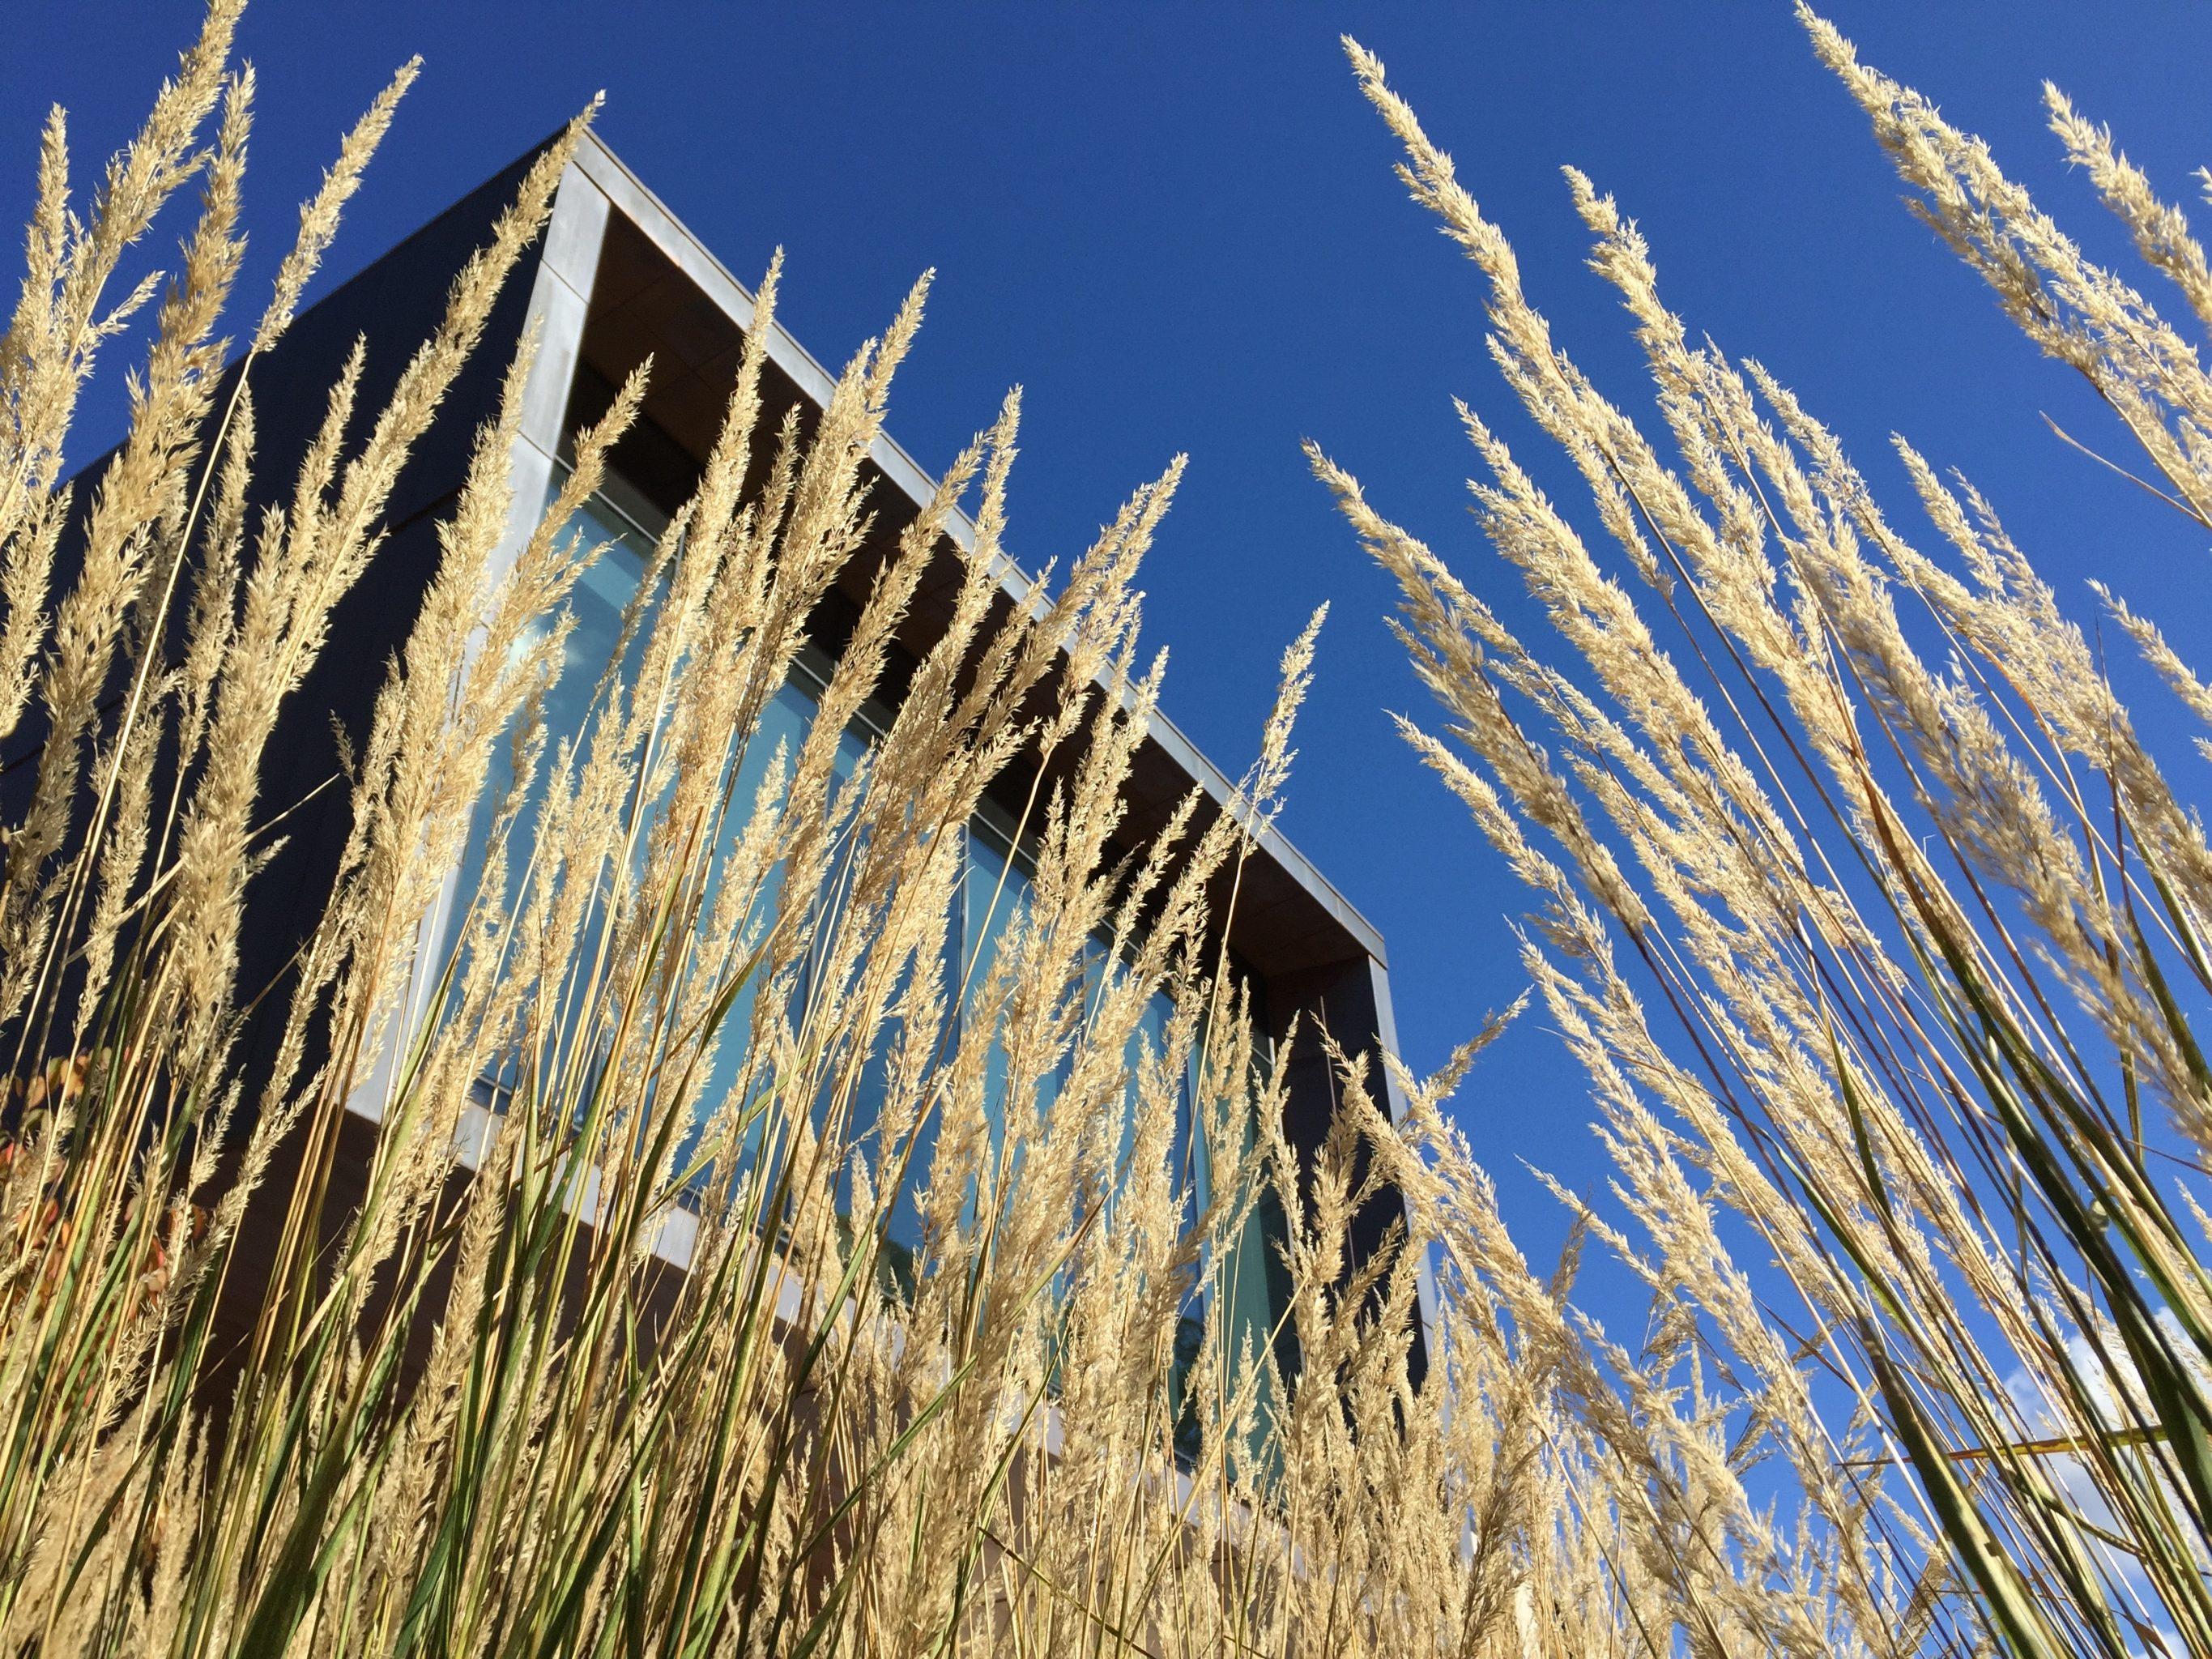 Mikrohaus Tinyhaus Co Im Blog Von Badtke Architektur